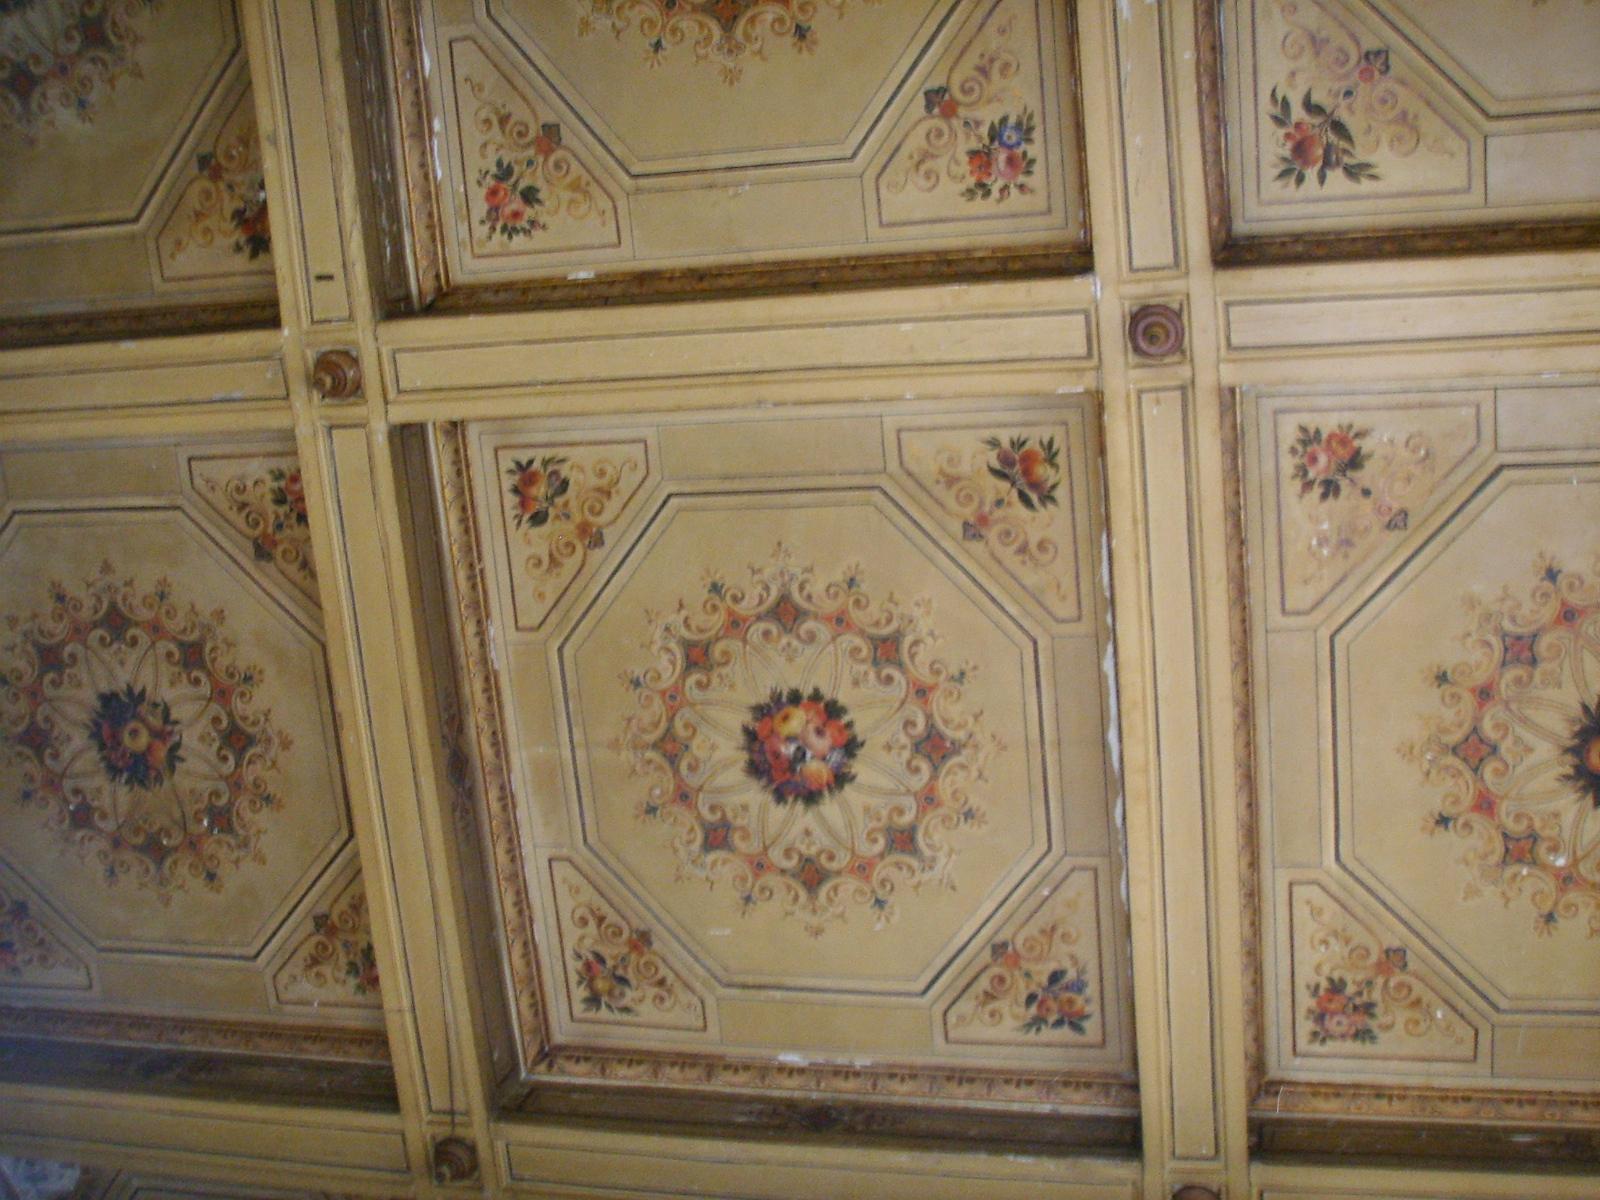 File:Palazzo fenzi, soffitto a cassettoni.JPG